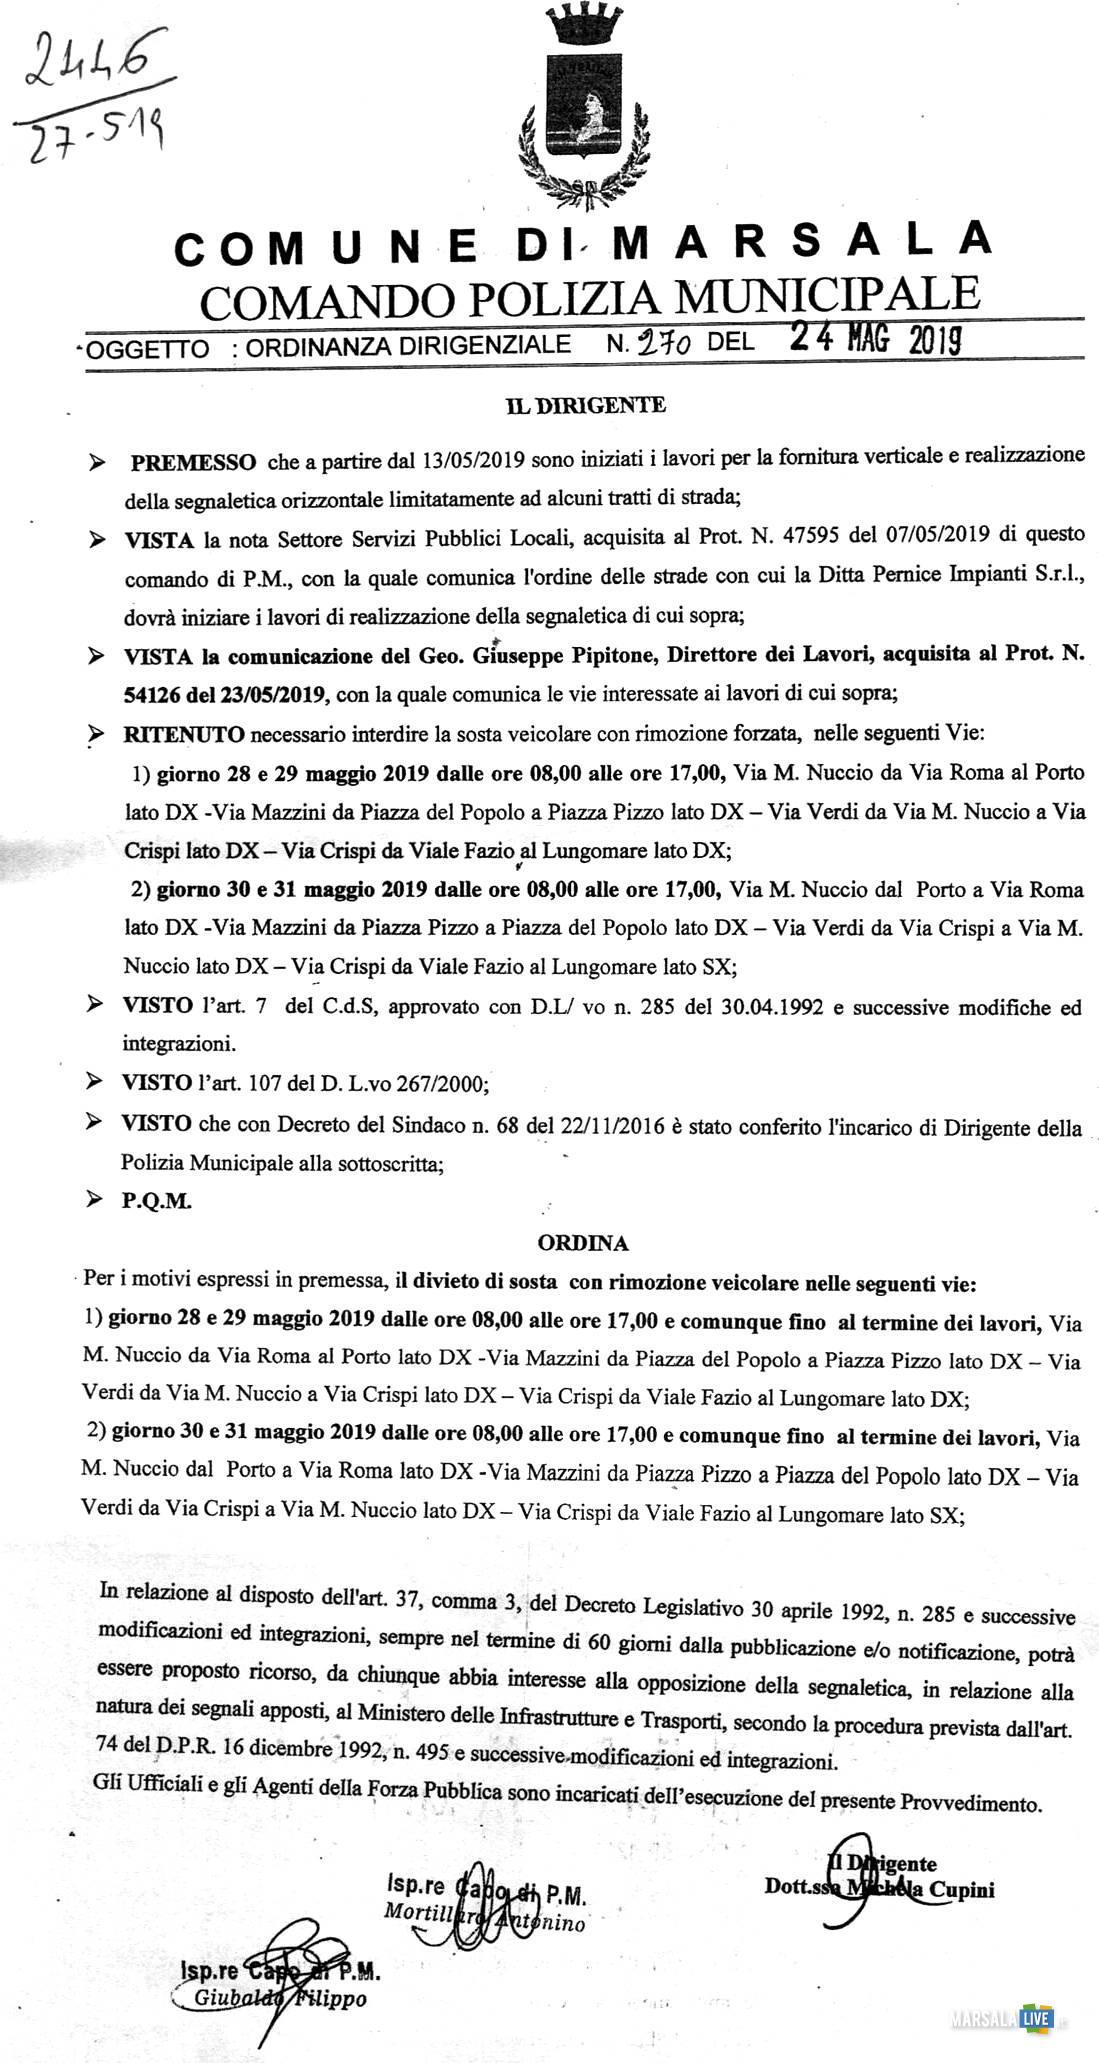 Ordinanza del Comando della Polizia Municipale, Marsala